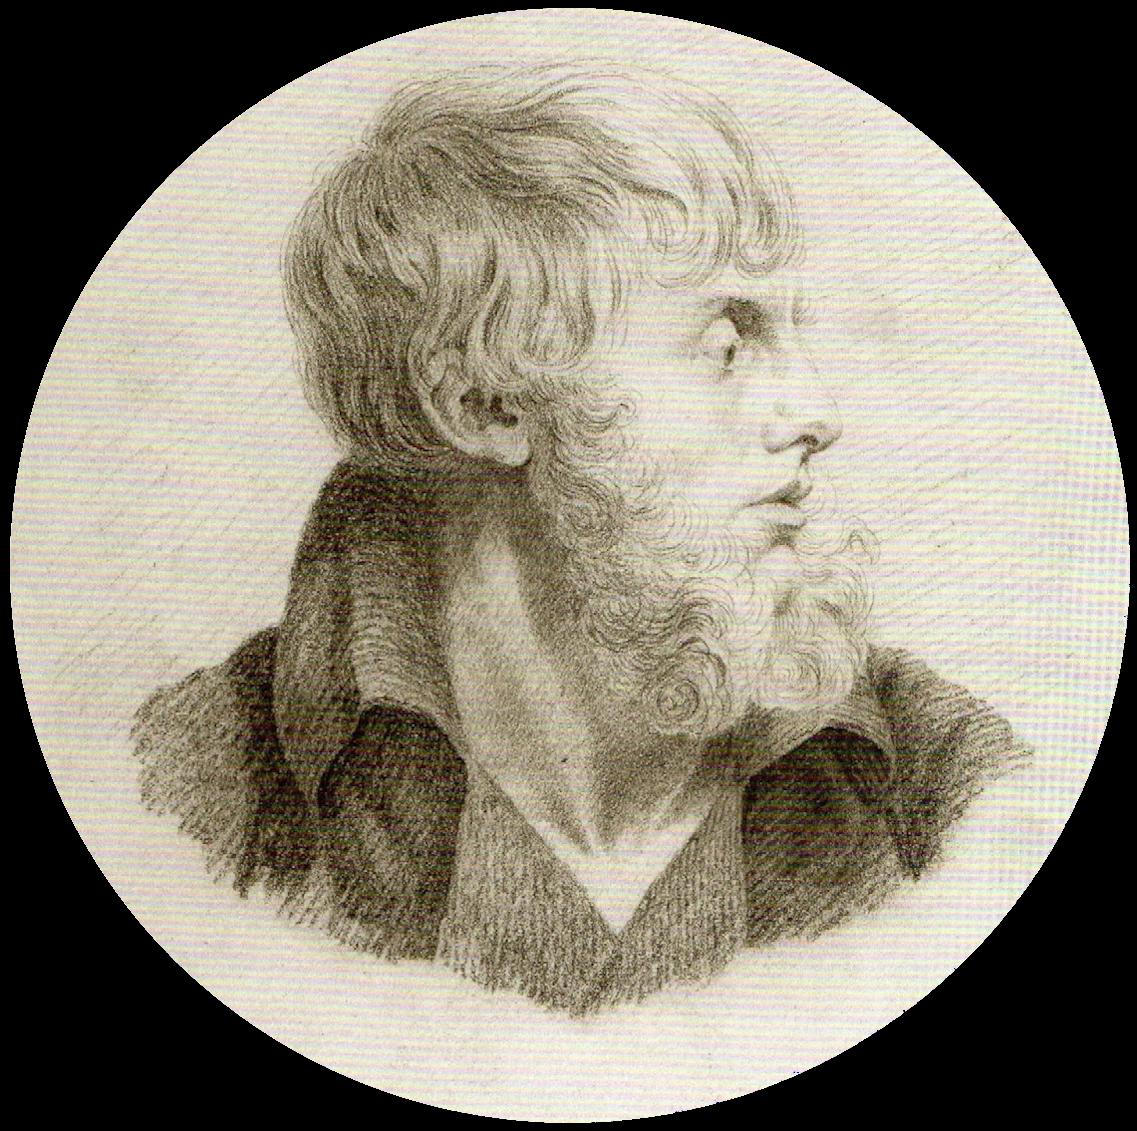 Caspar David Friedrich, Autoritratto | Selbstbildnis | Self portrait, 1805 - 1809, Gesso nero su carta, cm. 22,6 x 18, Städtische Galerie Dresden, inv. n.1977/k391